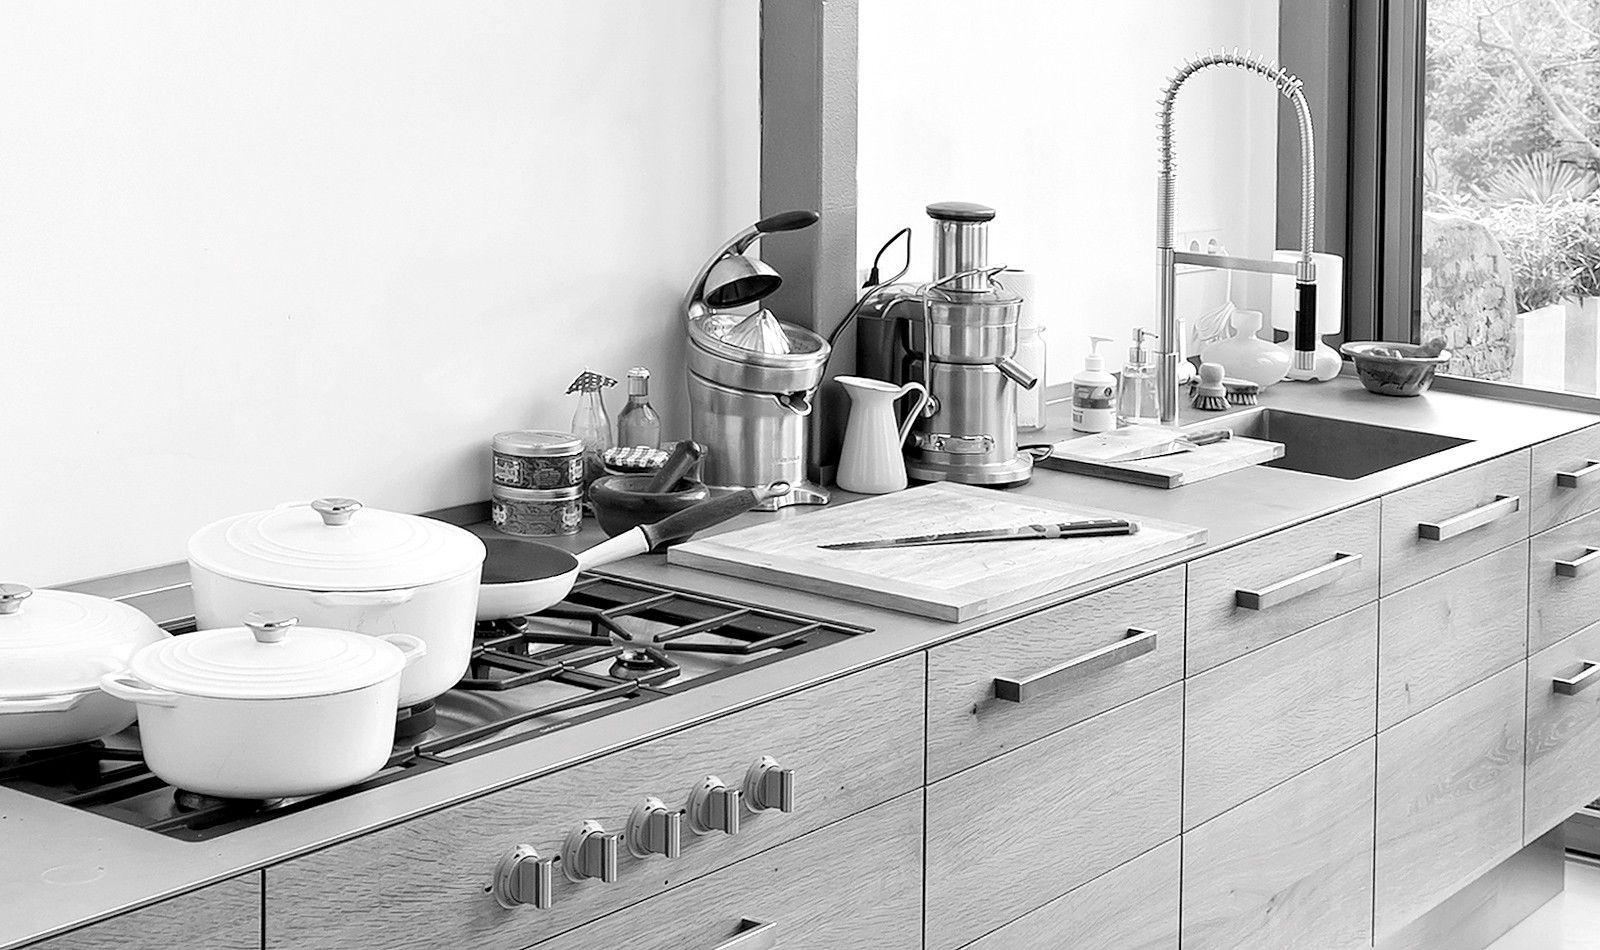 Tischlerei Sommer tischlerei sommer loft steel tischlerei sommer küchen aus